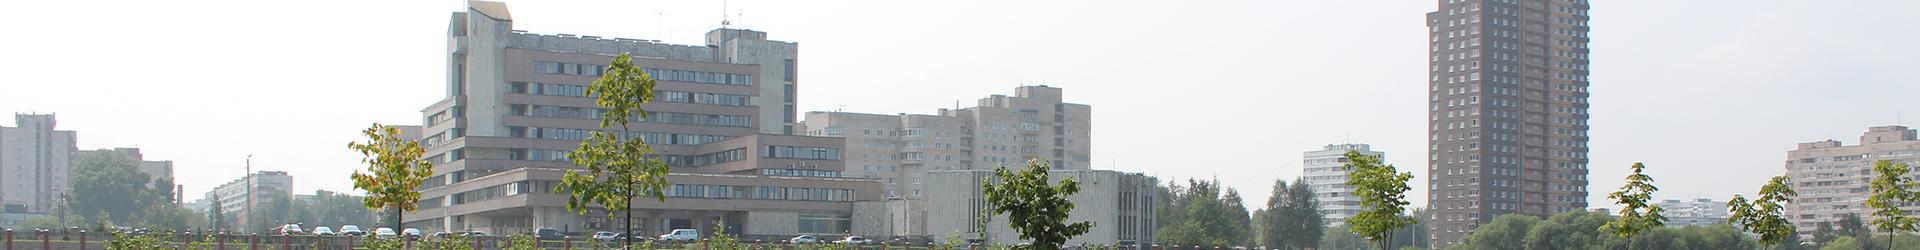 ИМЦ Красносельского района